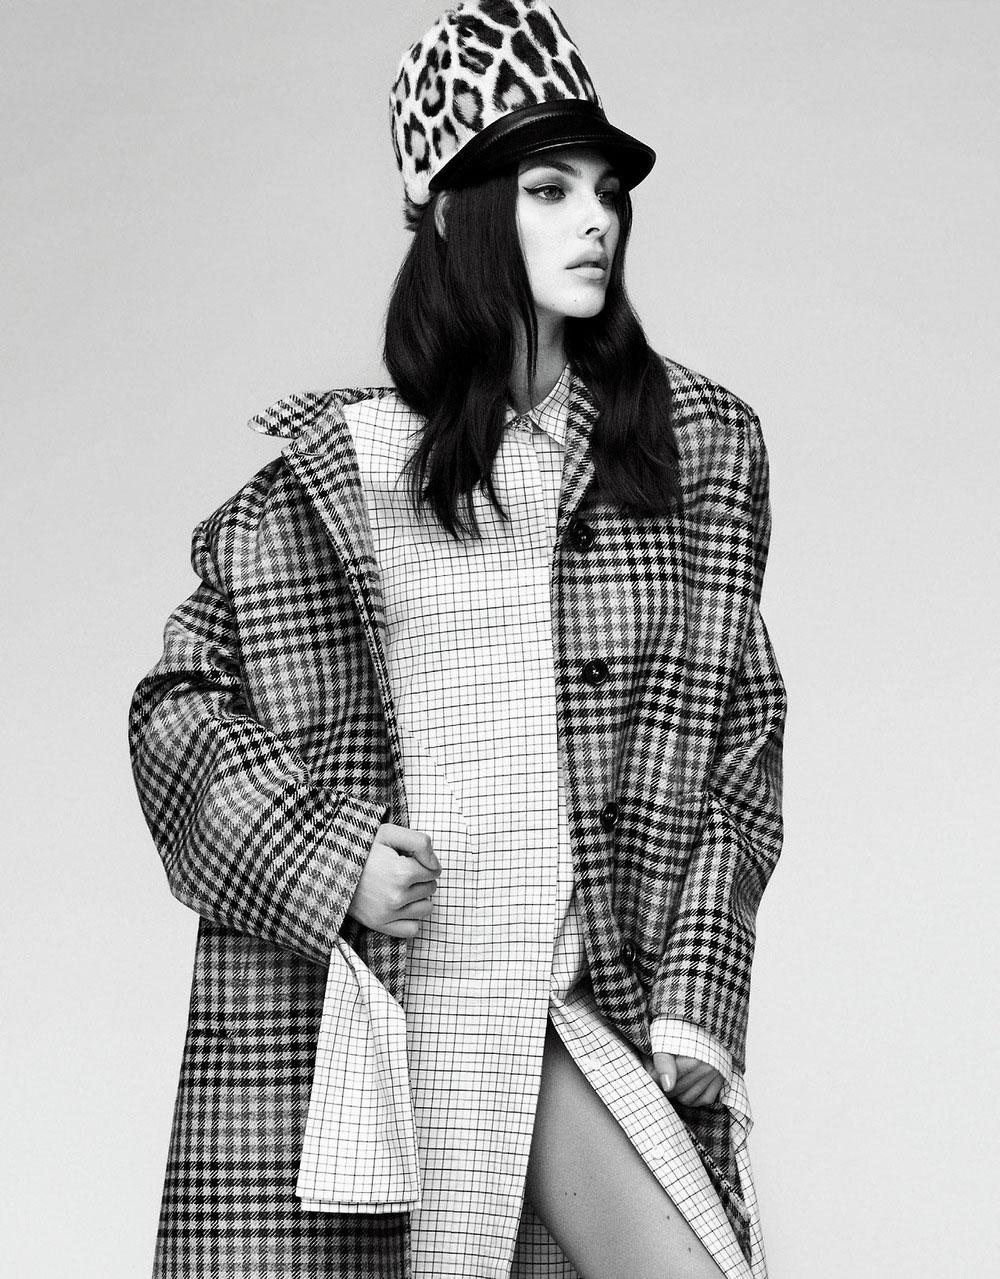 时尚摄影师组合Luigi & Iango的Vogue杂志作品 时尚图库 第12张